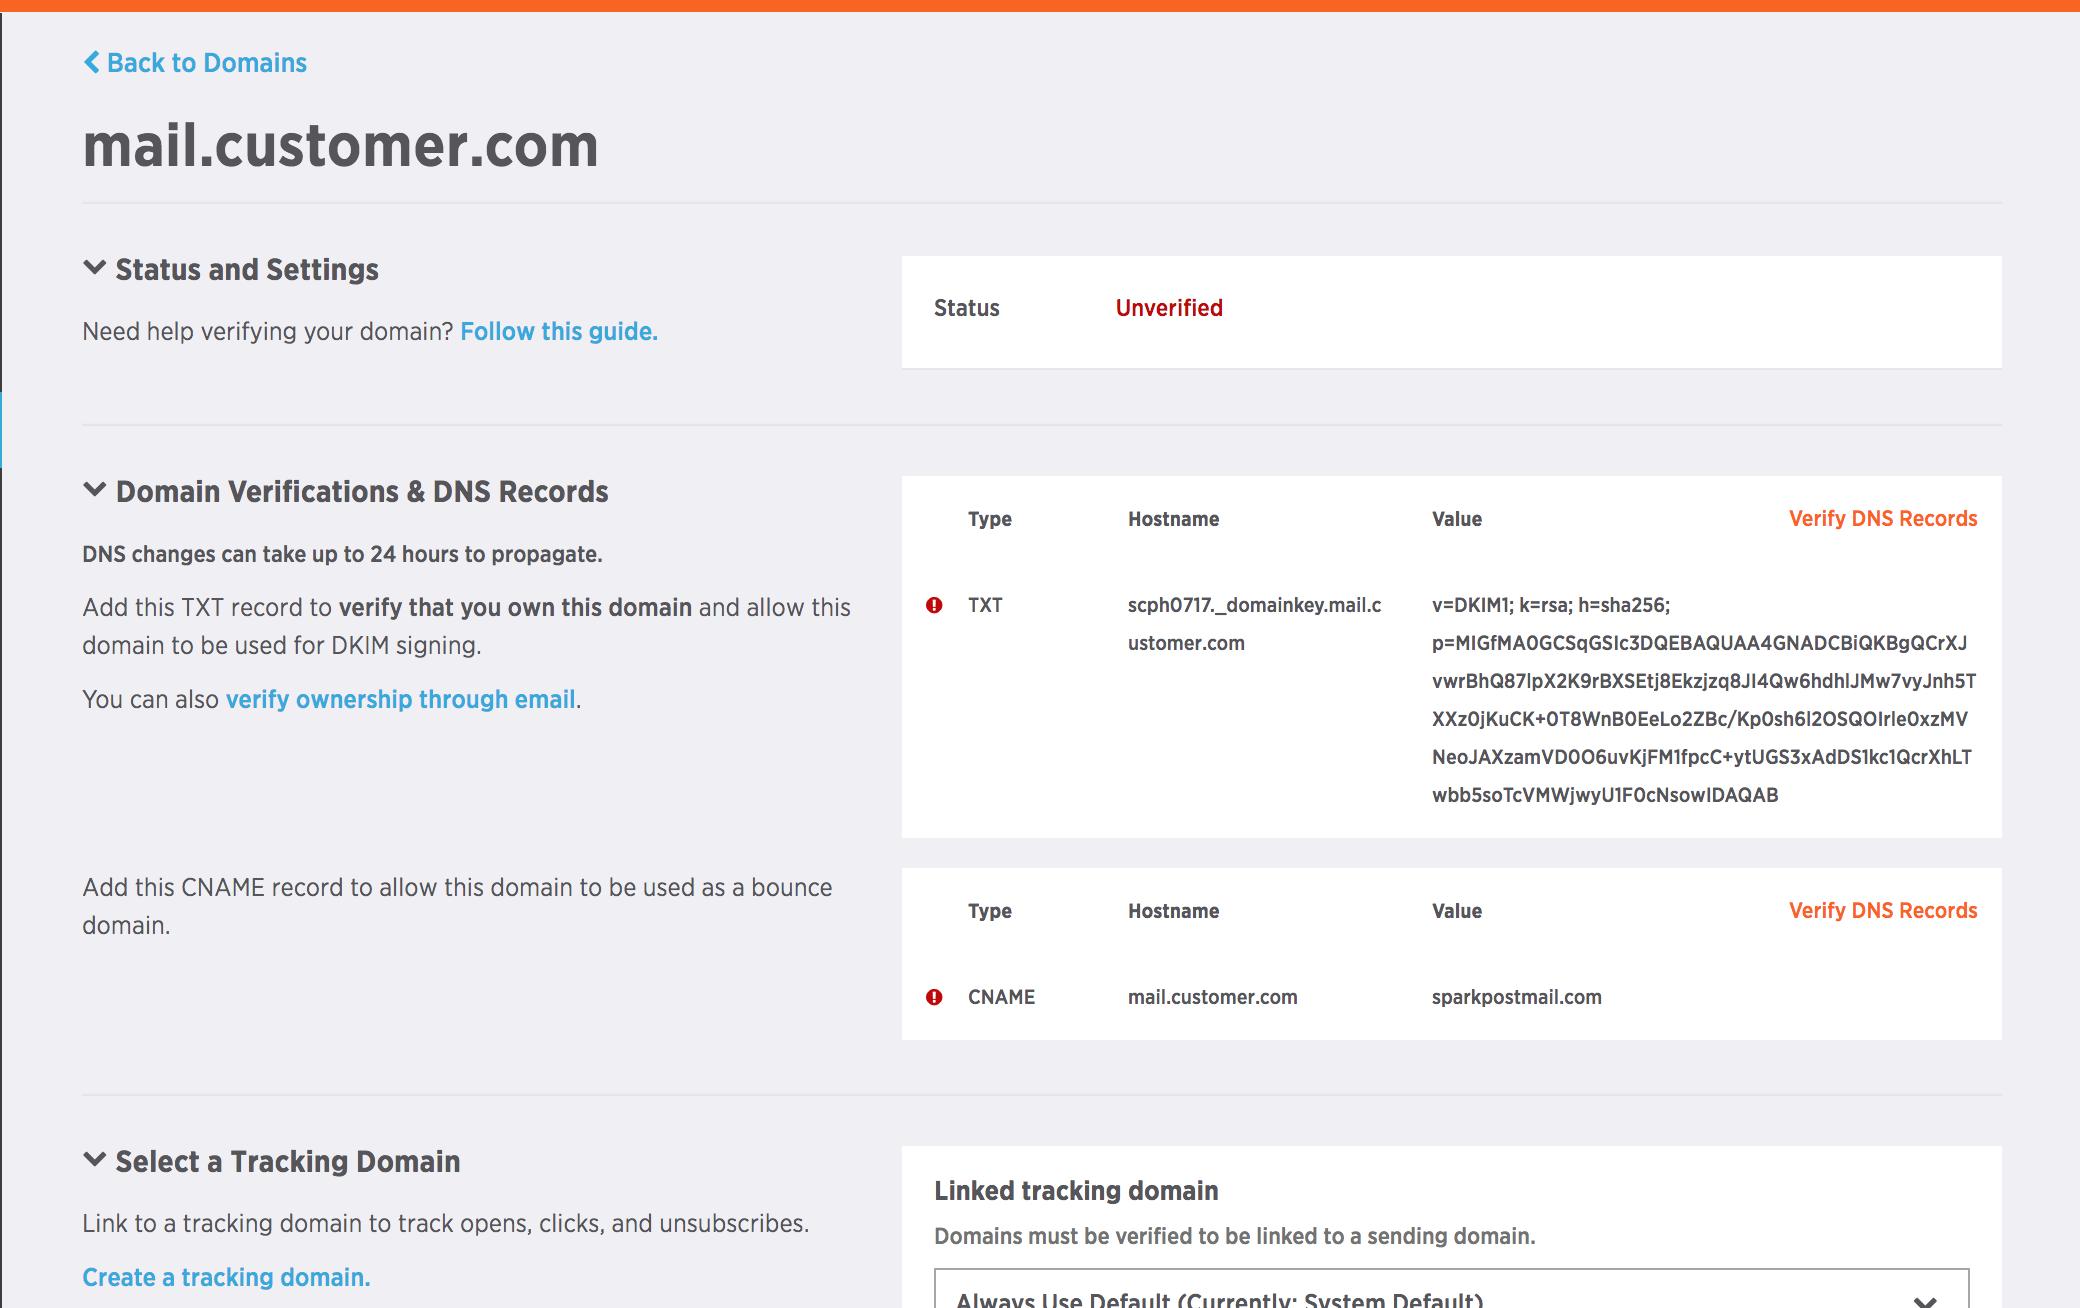 Editing domain settings